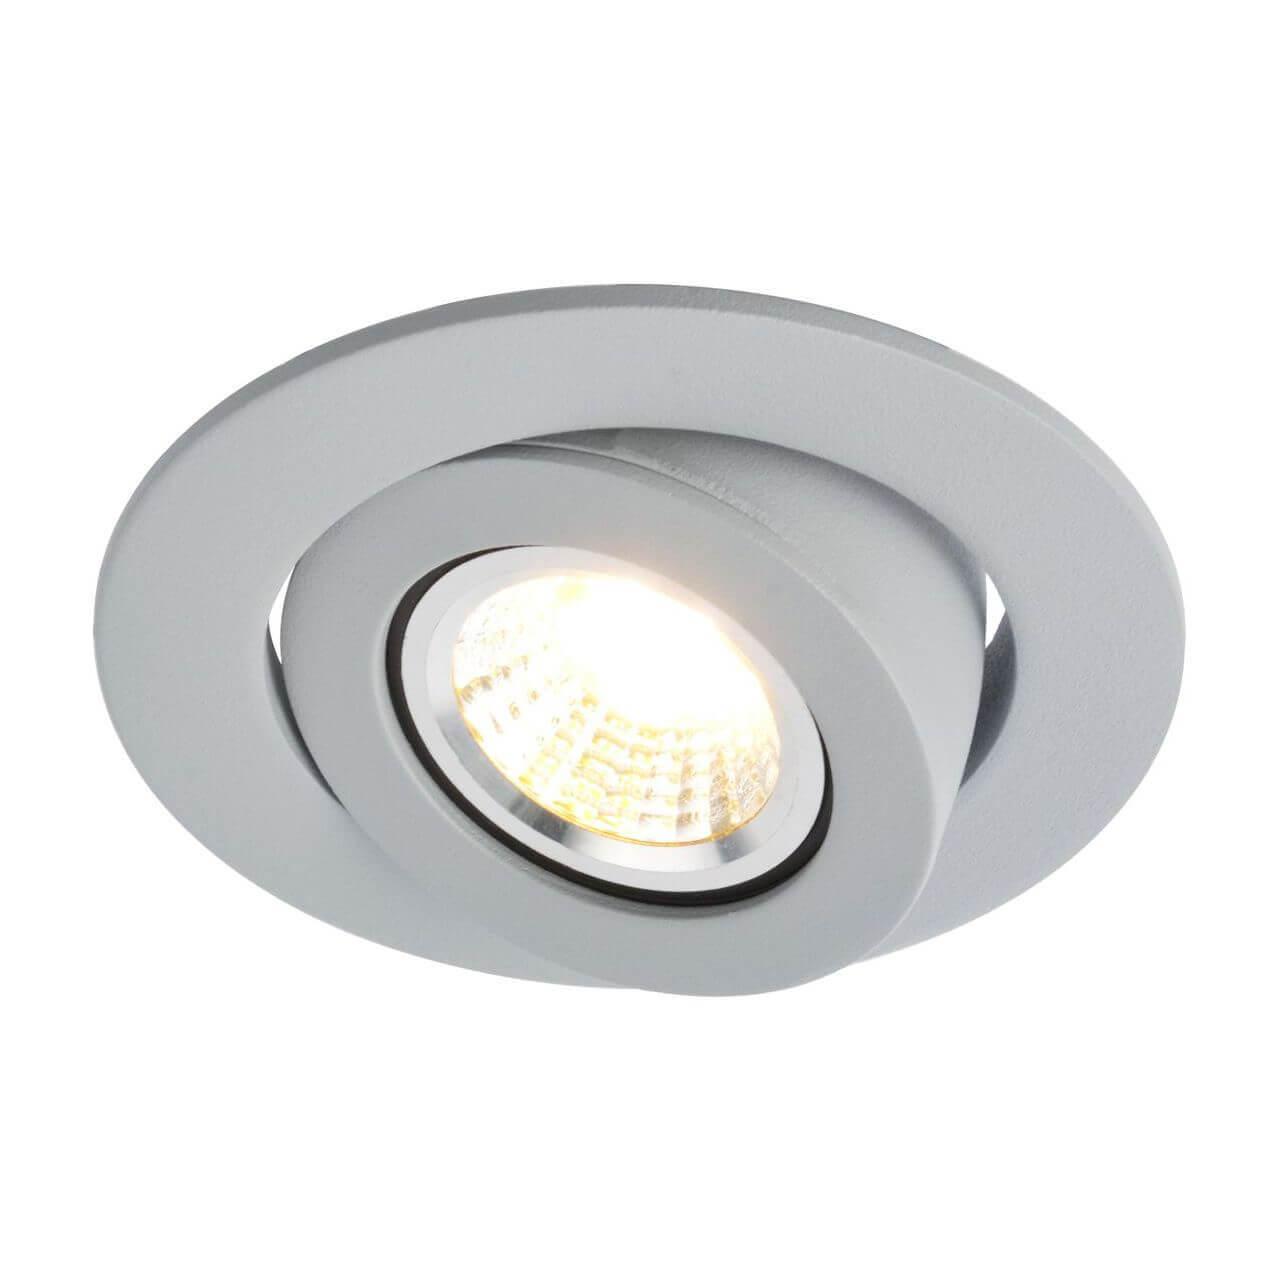 Встраиваемый светильник Arte Lamp Accento A4009PL-1GY цена в Москве и Питере